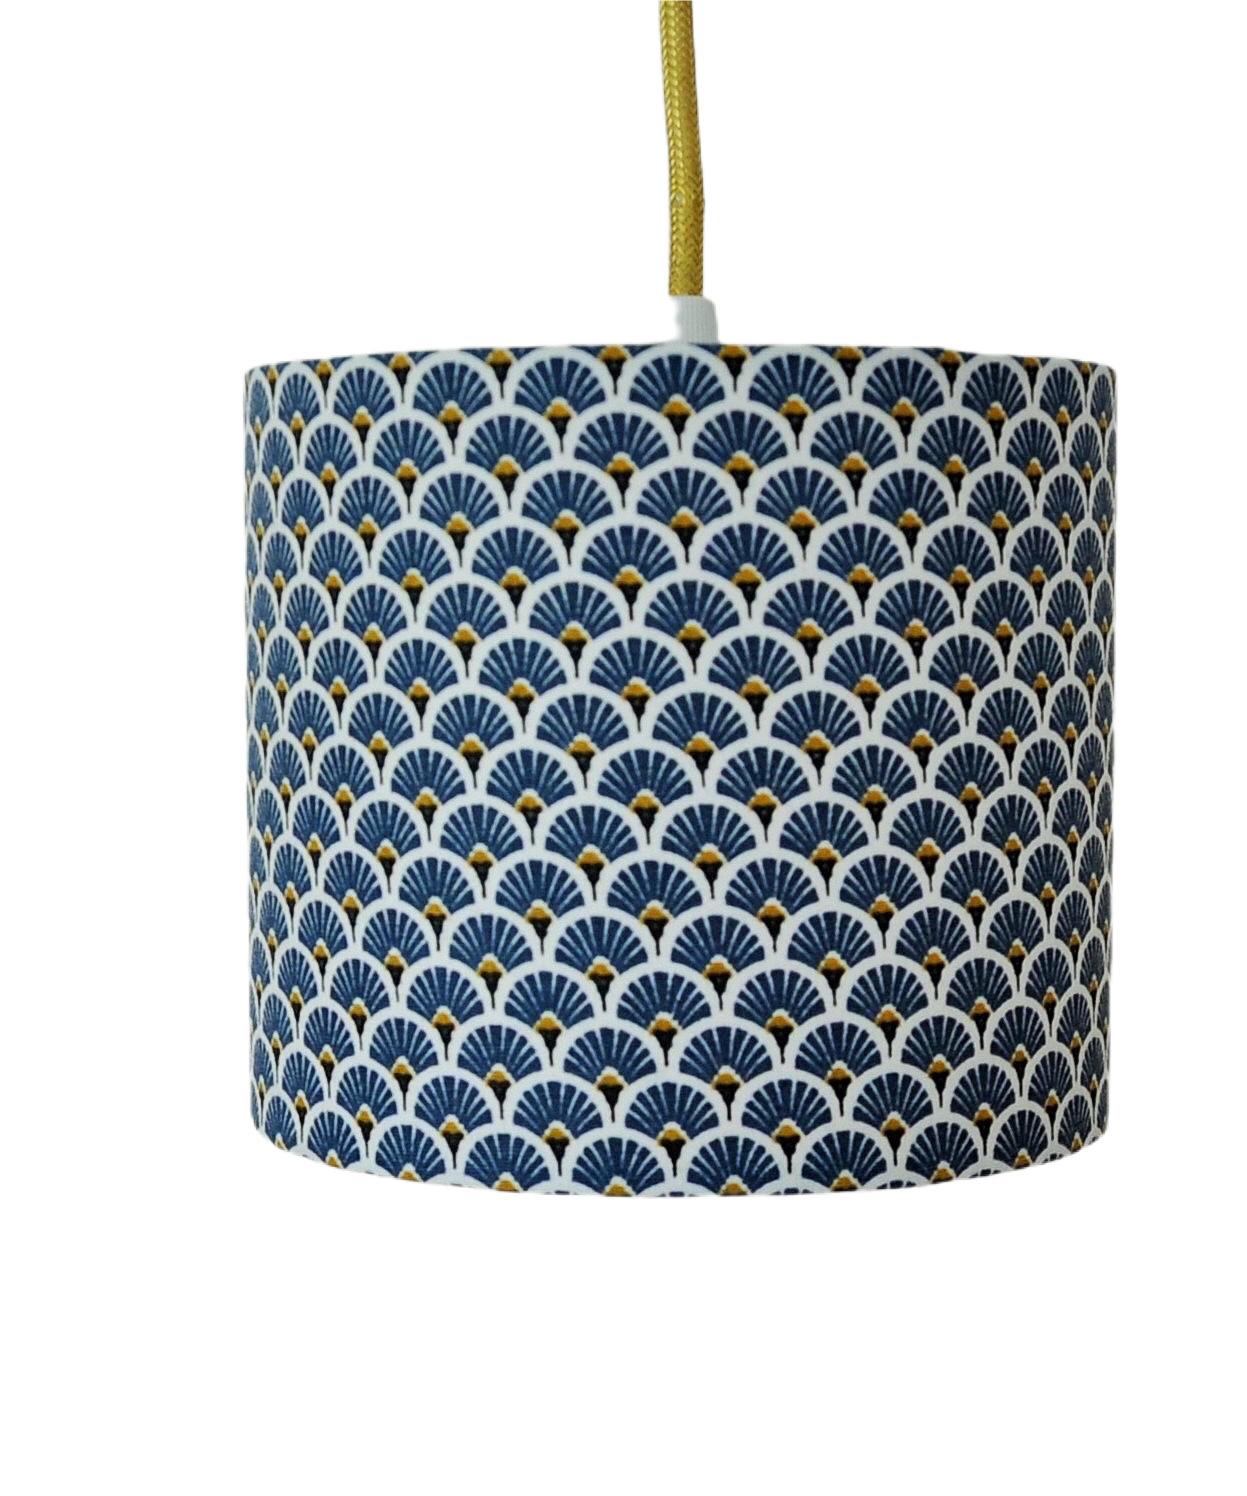 Suspension eventail bleu et or diamètre 25 cm